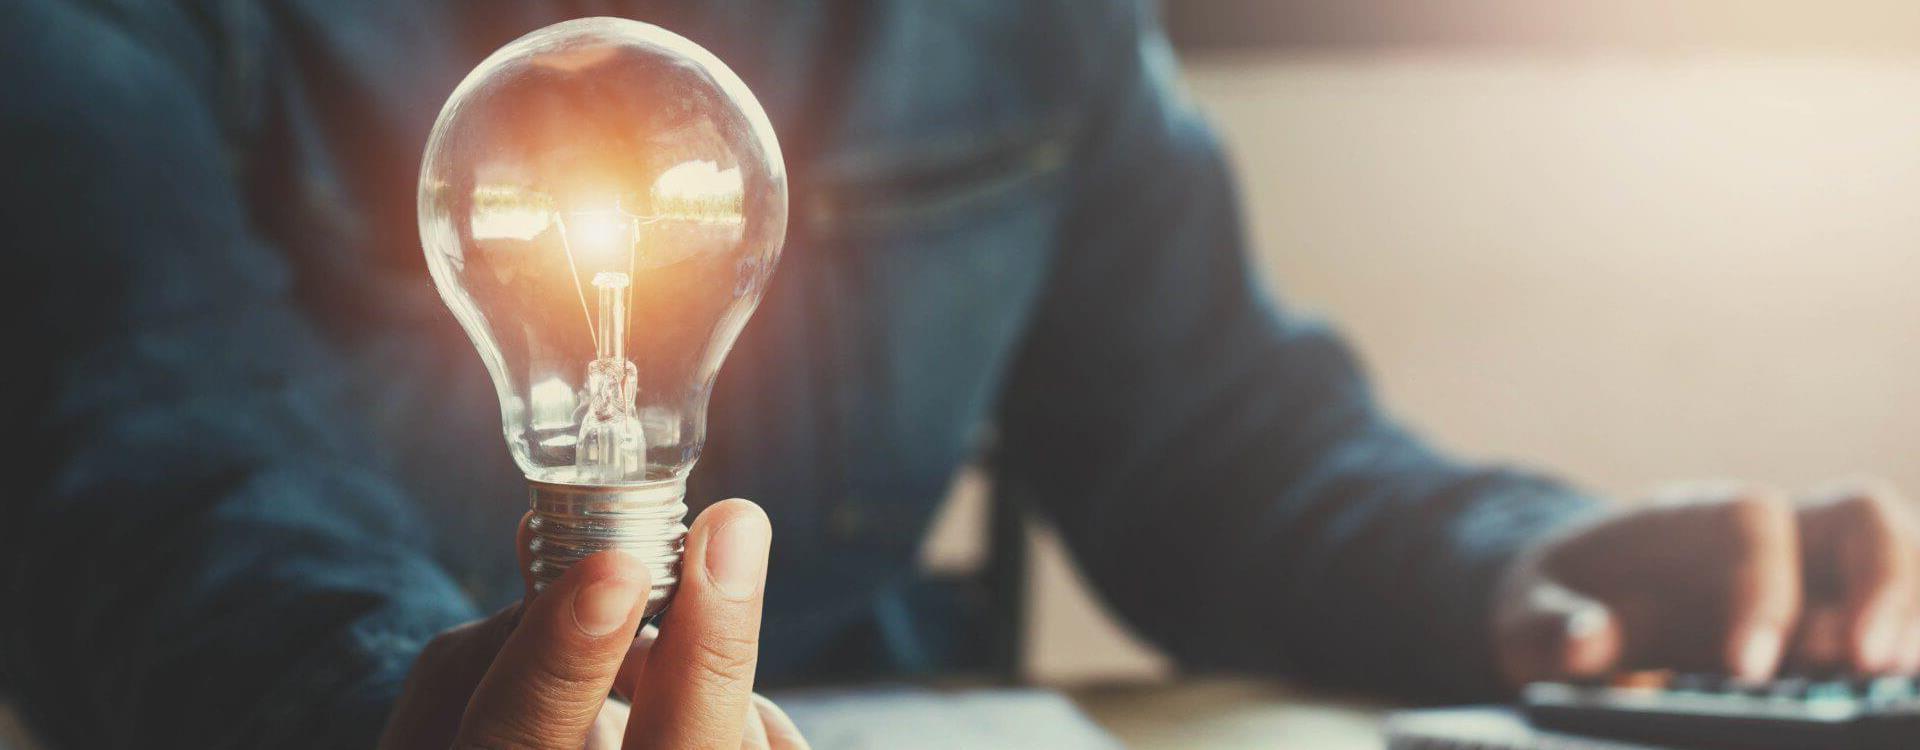 holding light bulb